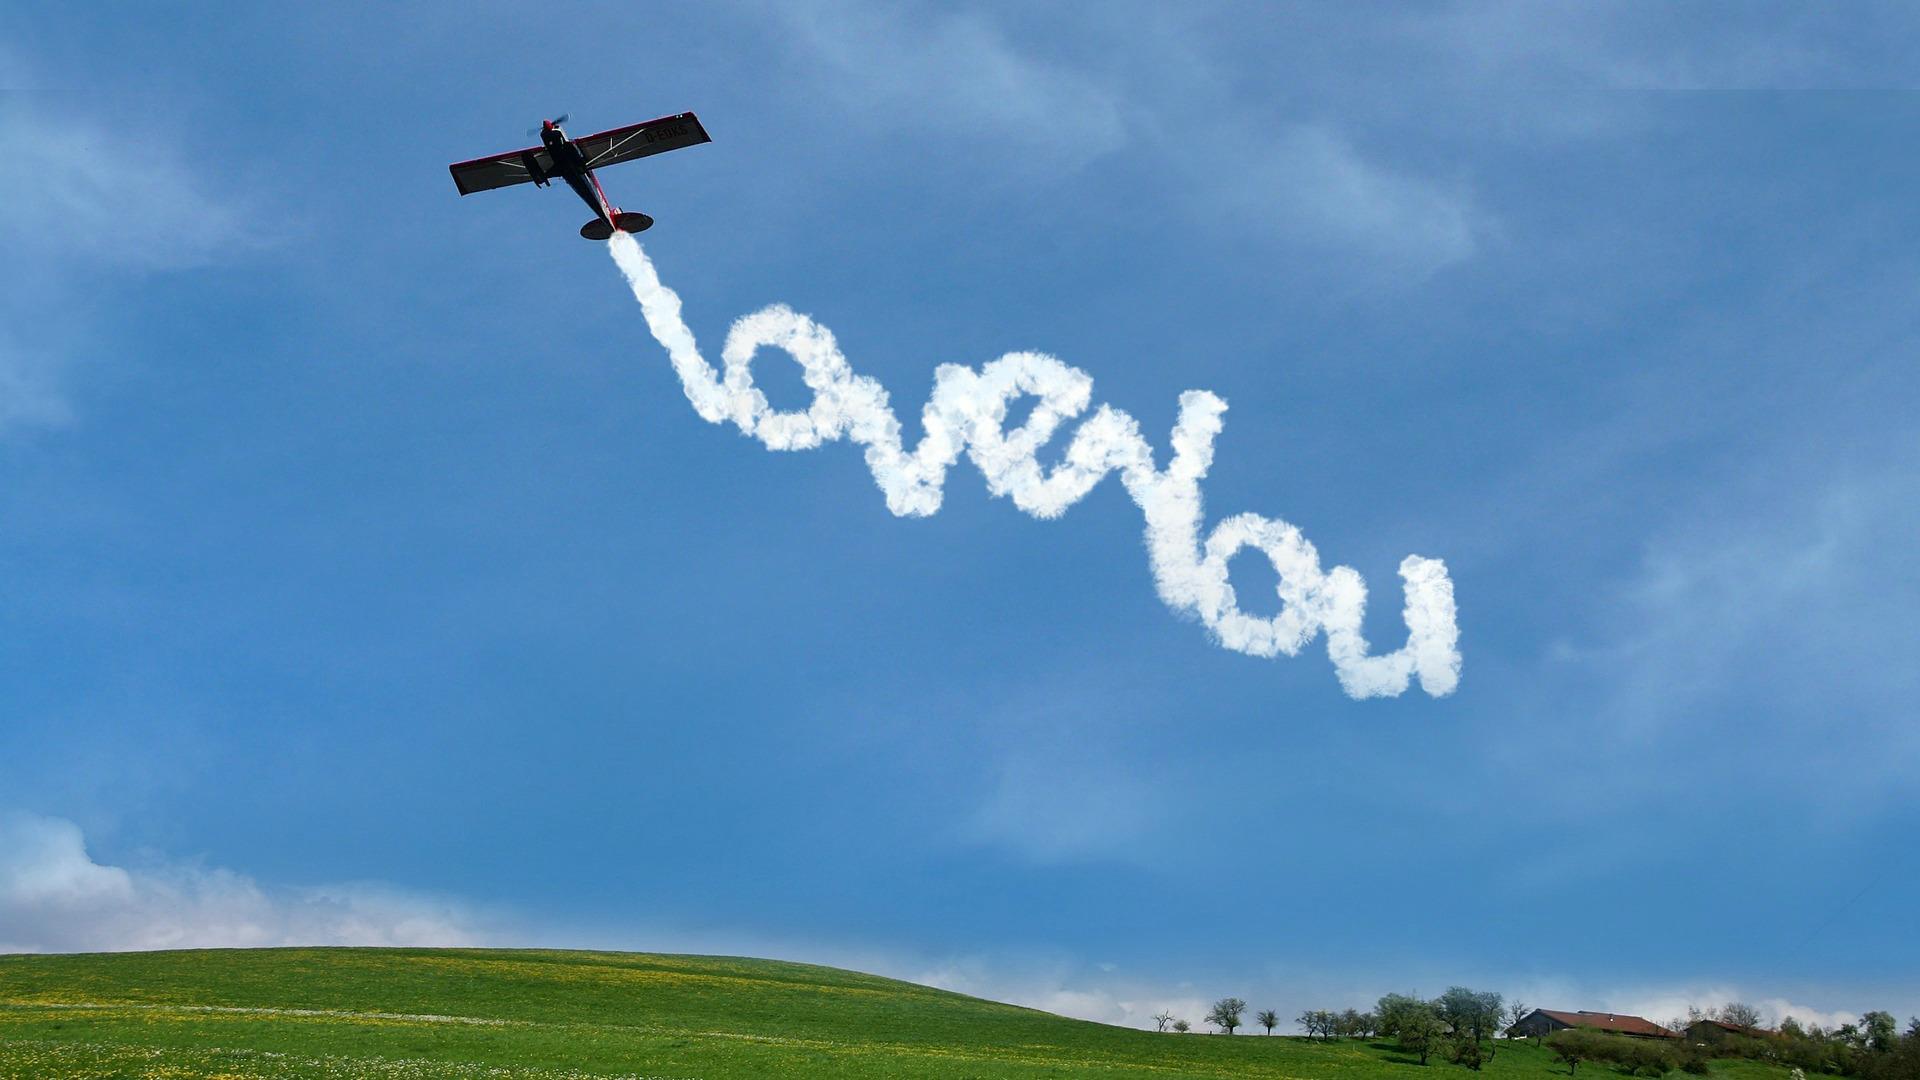 Картинки самолетов с надписями на небеса